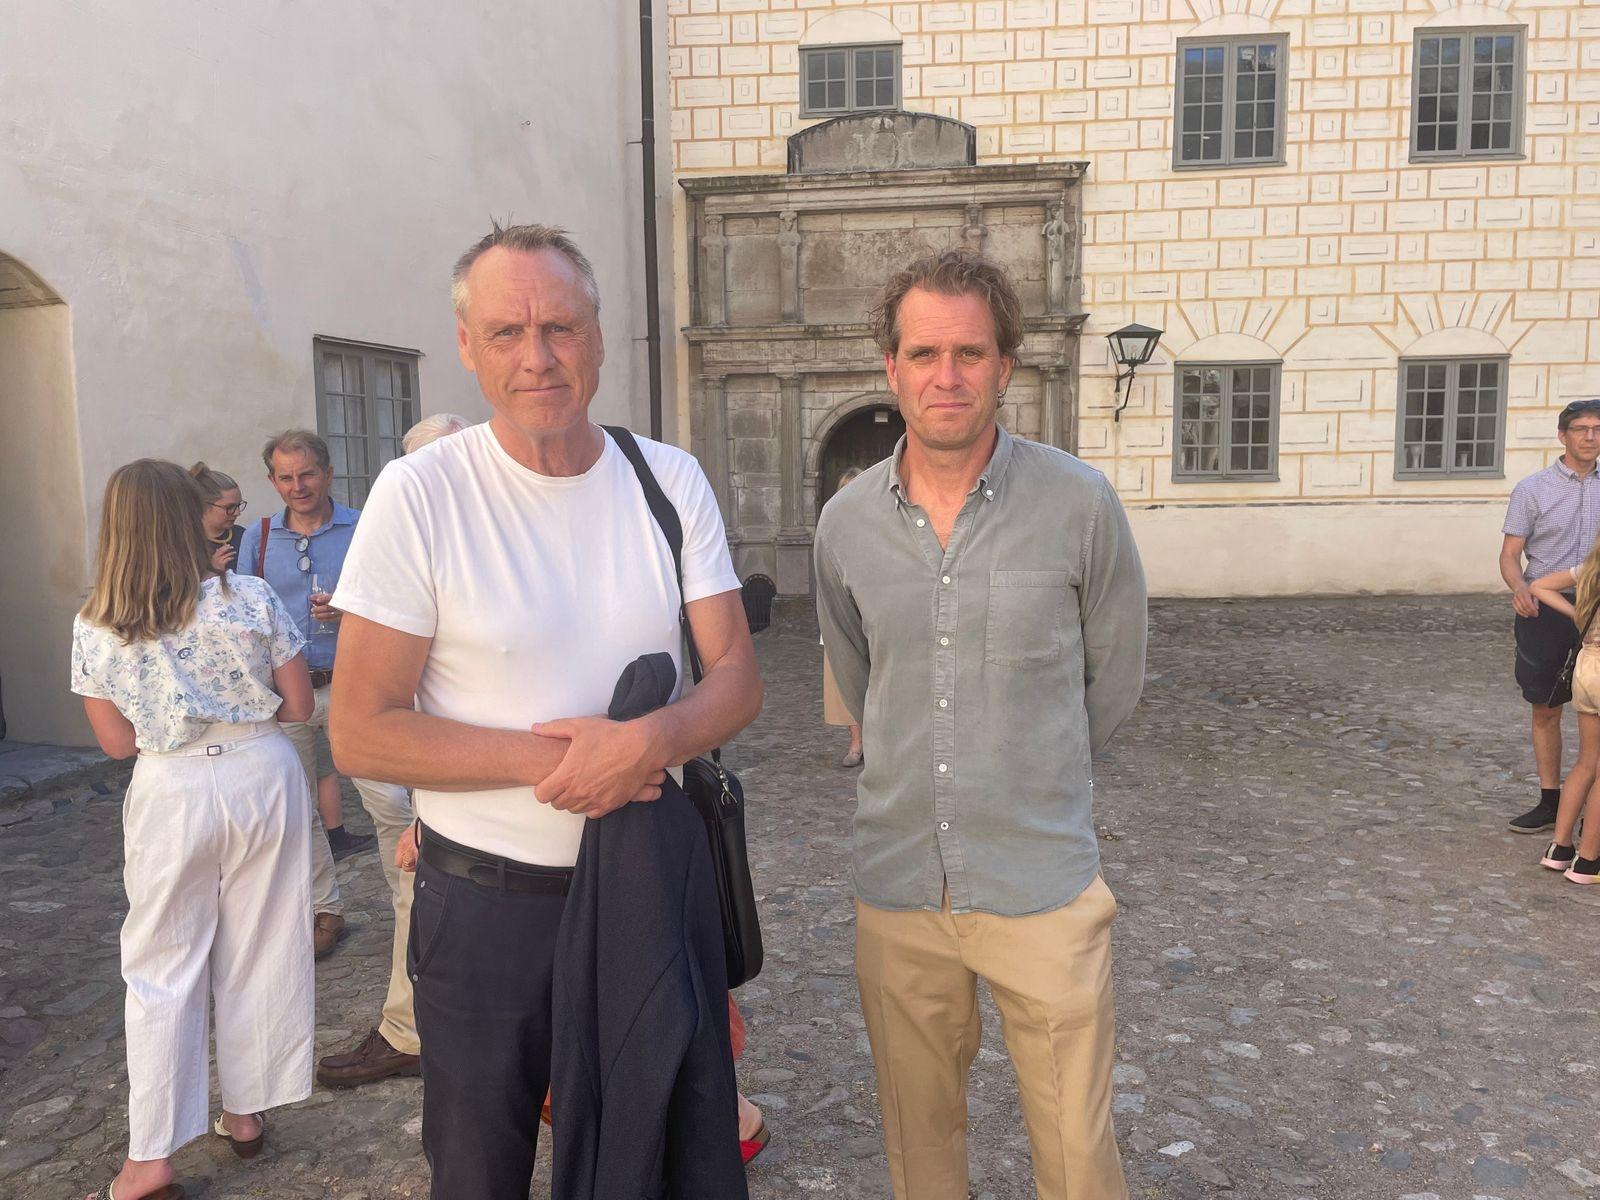 En duo från Destination Kalmar var på plats. Åke Andersson som är Vd tillsammans med Lasse Johansson (S) som är ordförande för bolaget.